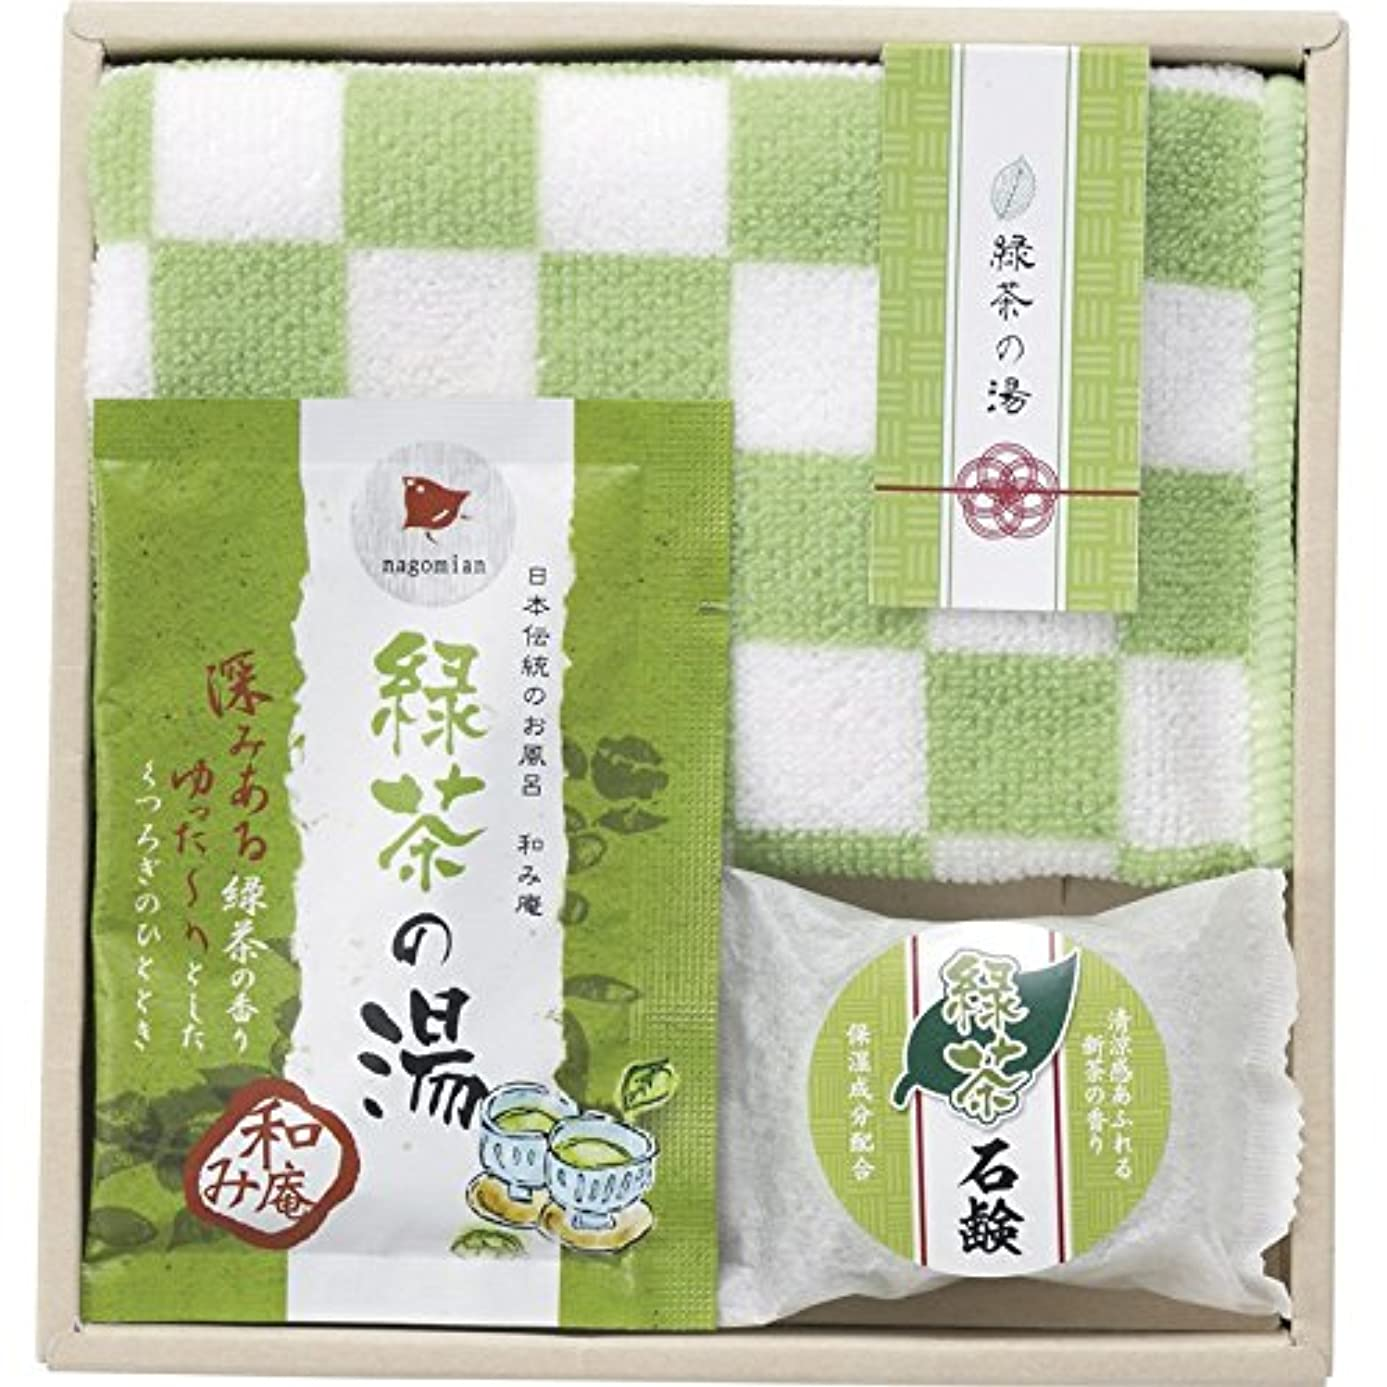 雑草いまかすれた緑茶の湯入浴セット53